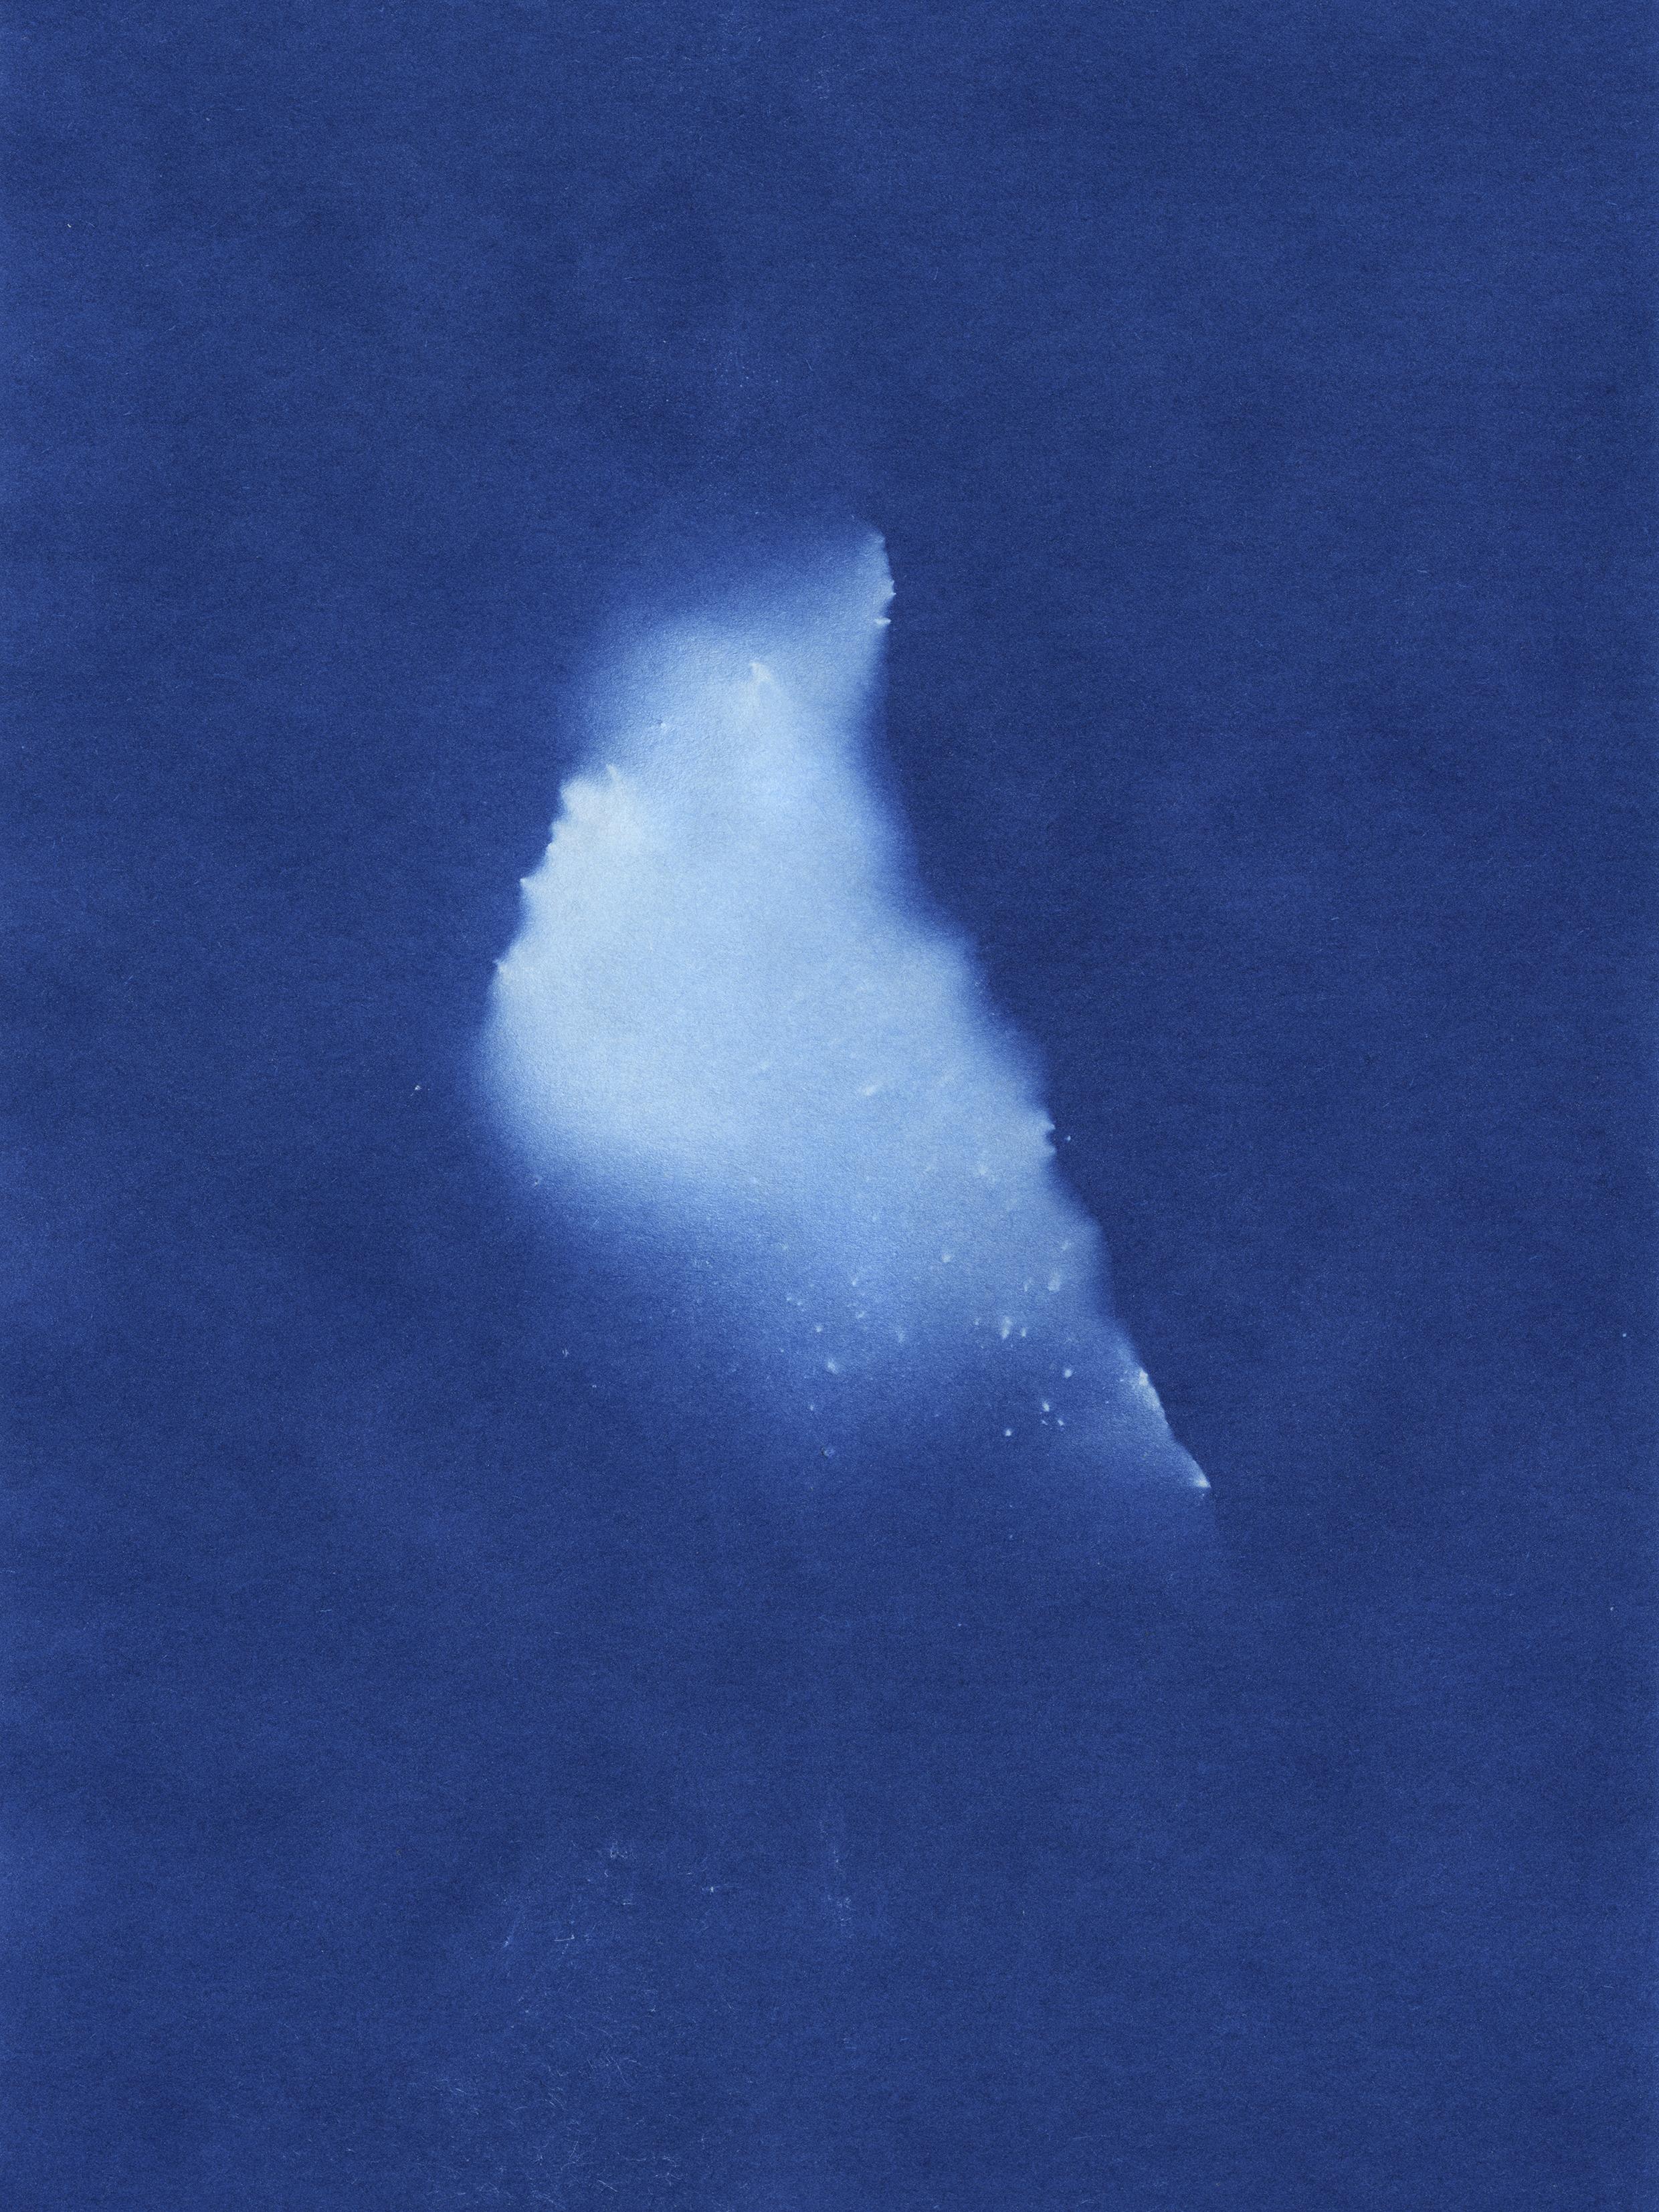 Stéphanie Solinas, Equivalences, 2014 impression jet d'encre, 60 x 80 cm ©Stéphanie Solinas